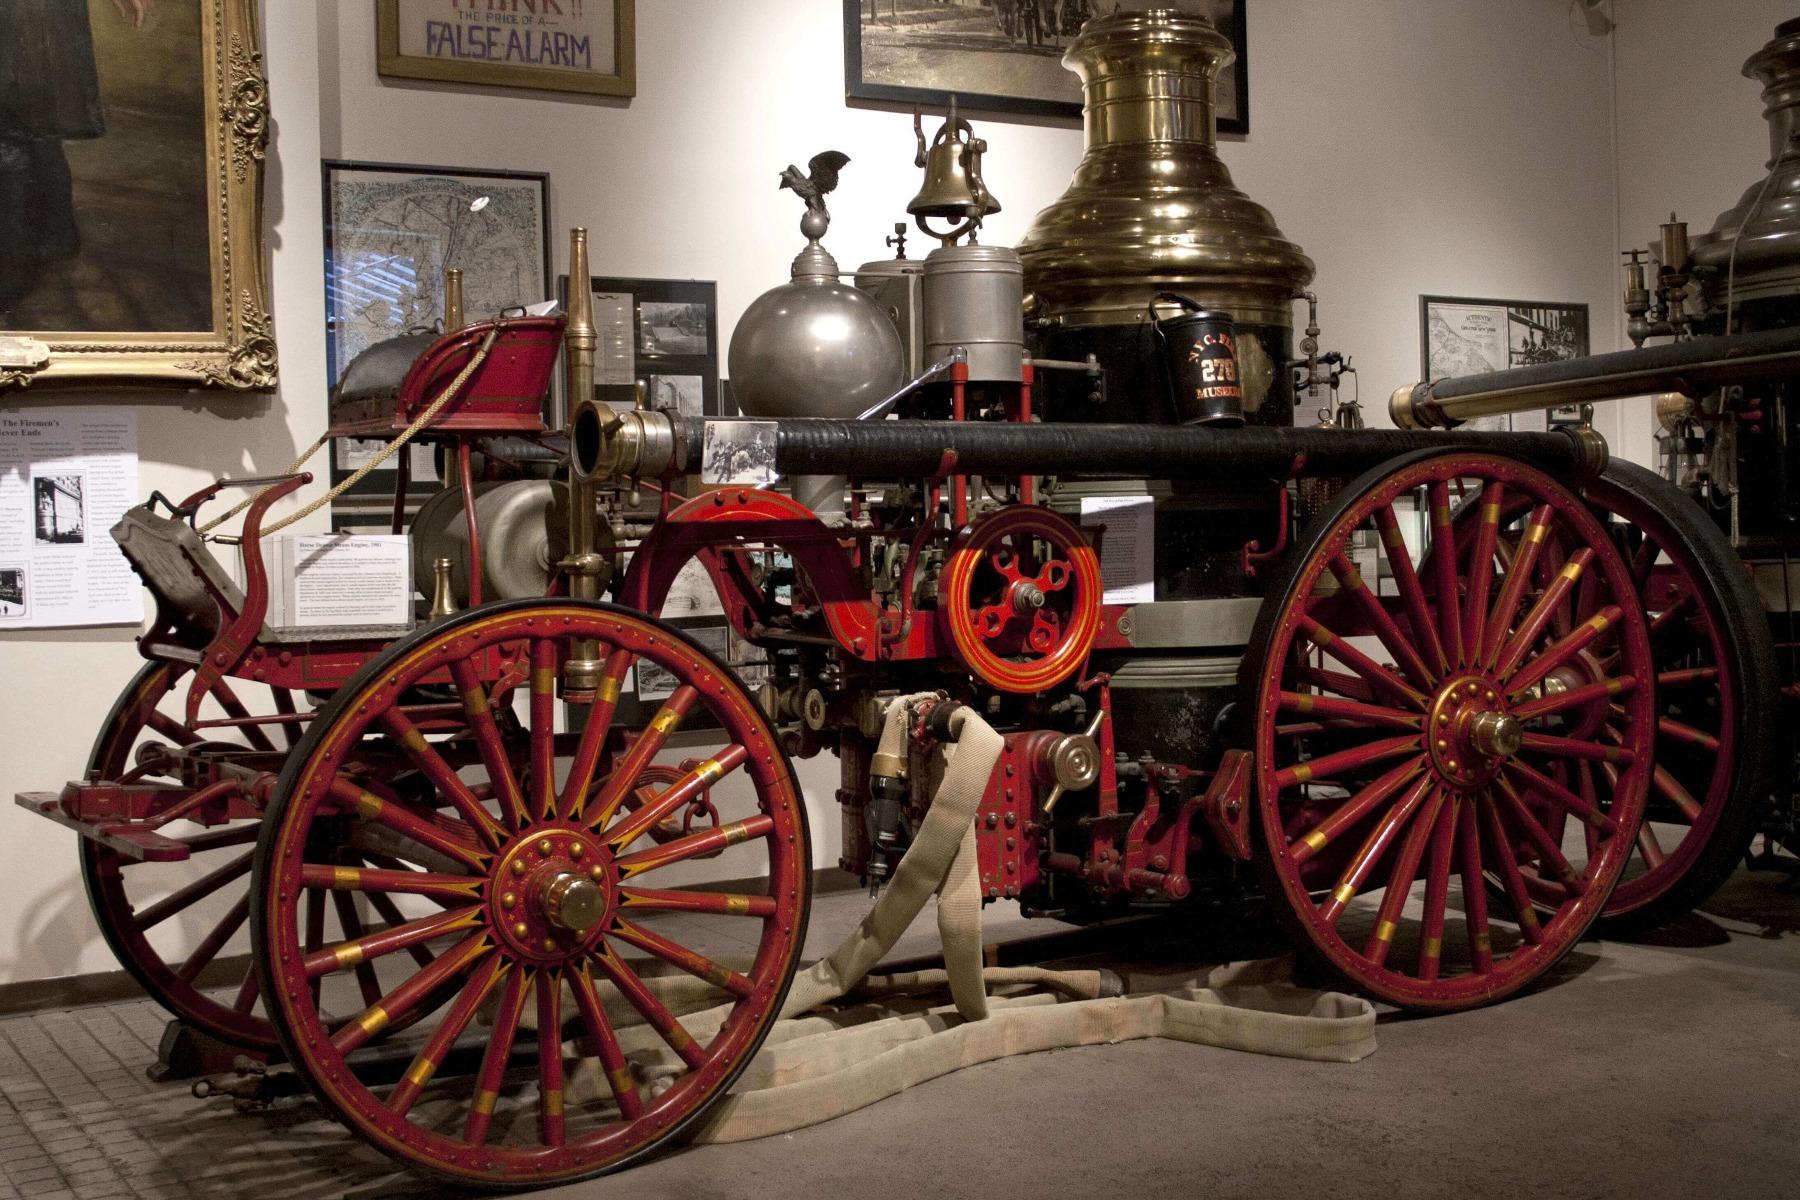 Một chiếc xe cứu hỏa được trưng bày trong bảo tàng chữa cháy New York